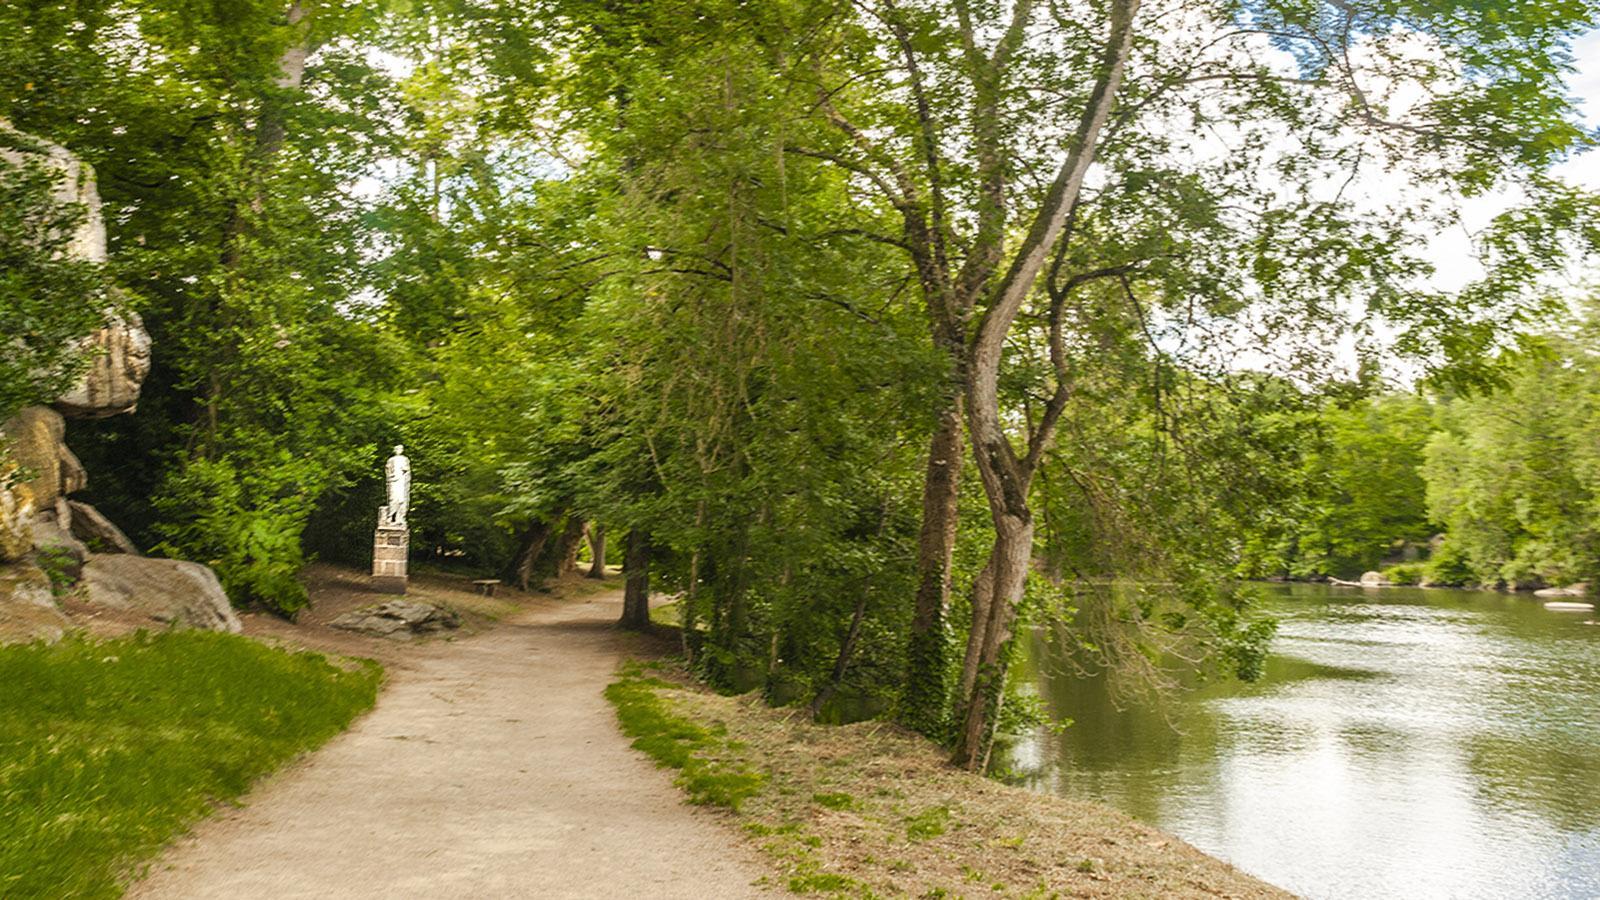 Clisson: Das italienisch inspirierte Anwesen La Garenne erstreckt sich bis an die Ufer der Sèvre Nantaise. Foto: Hilke Maunder